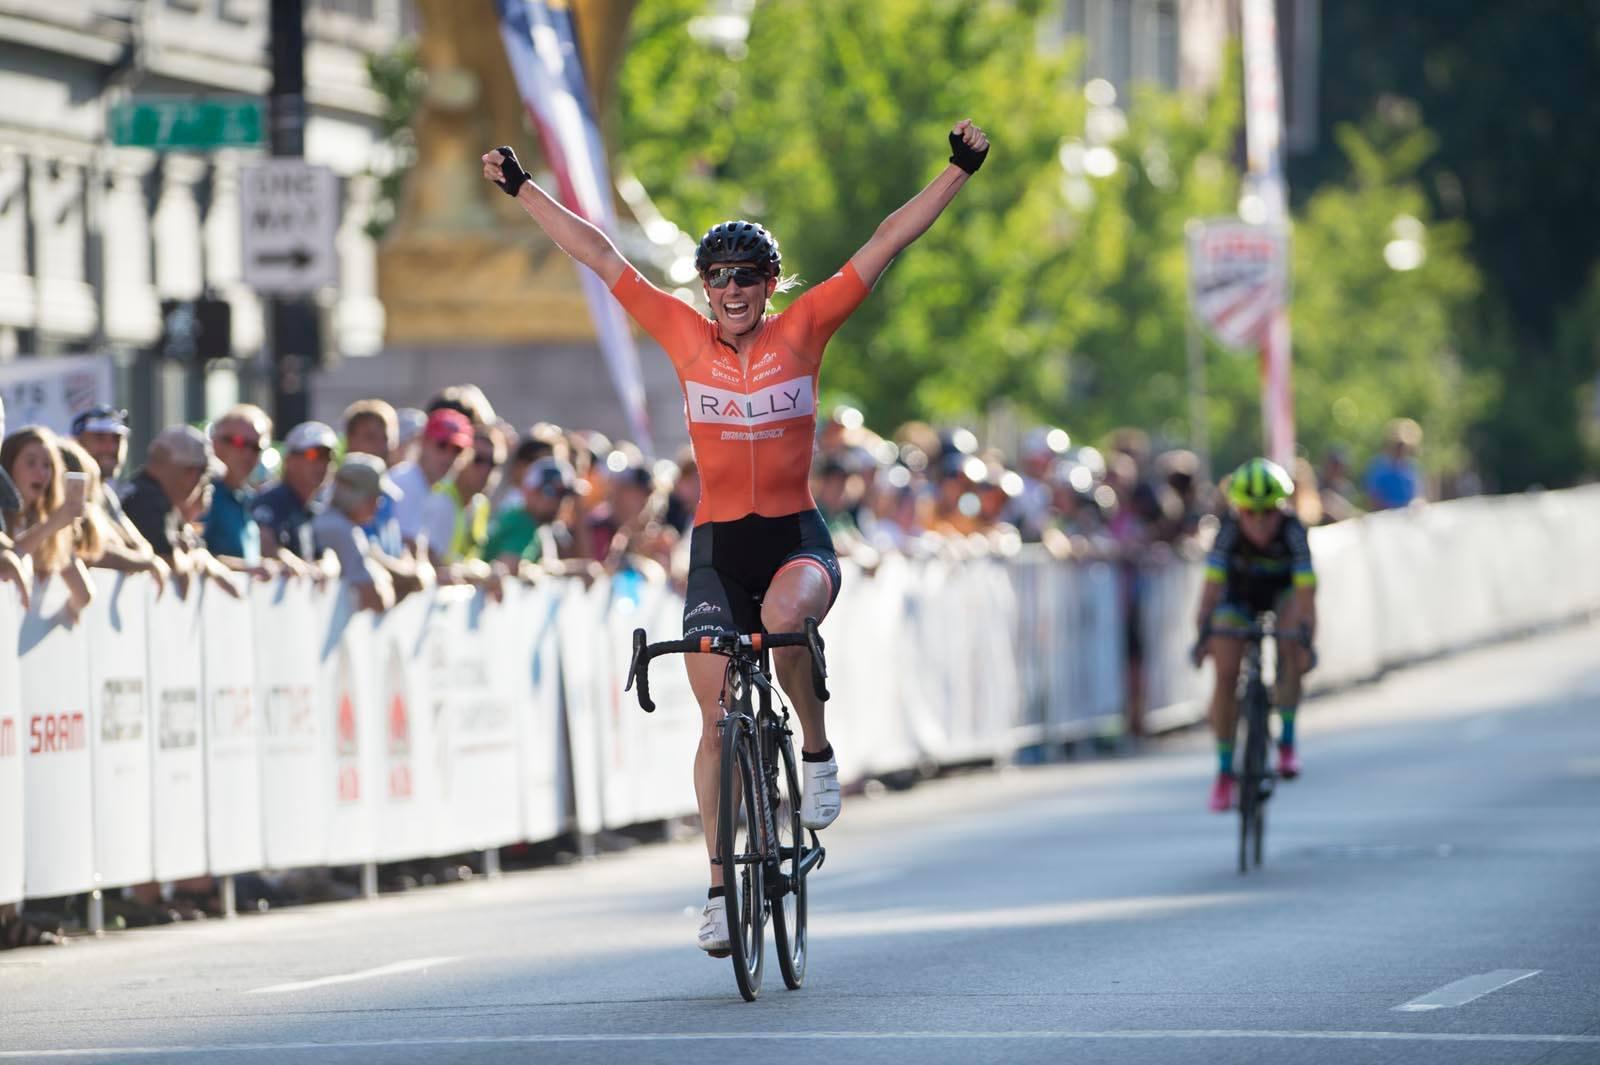 Erica Allar Winning 2017 US Criterium Champsionship